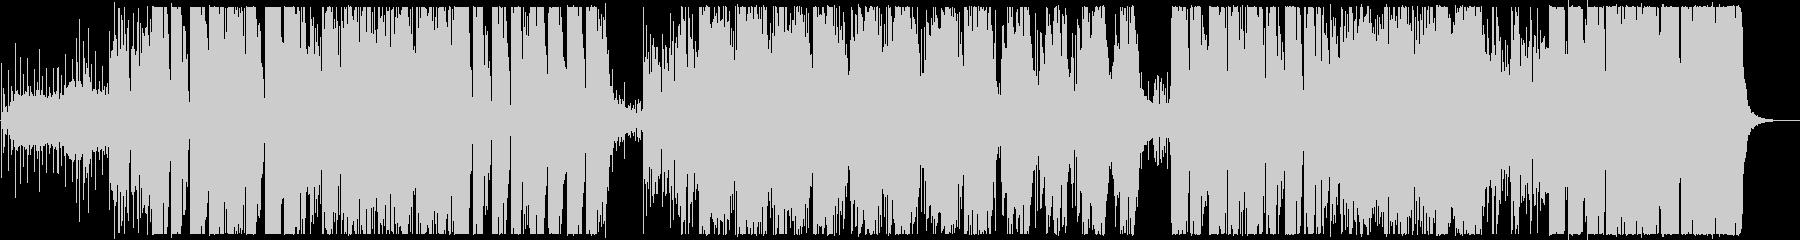 エッジの効いたアクションスリラーは...の未再生の波形